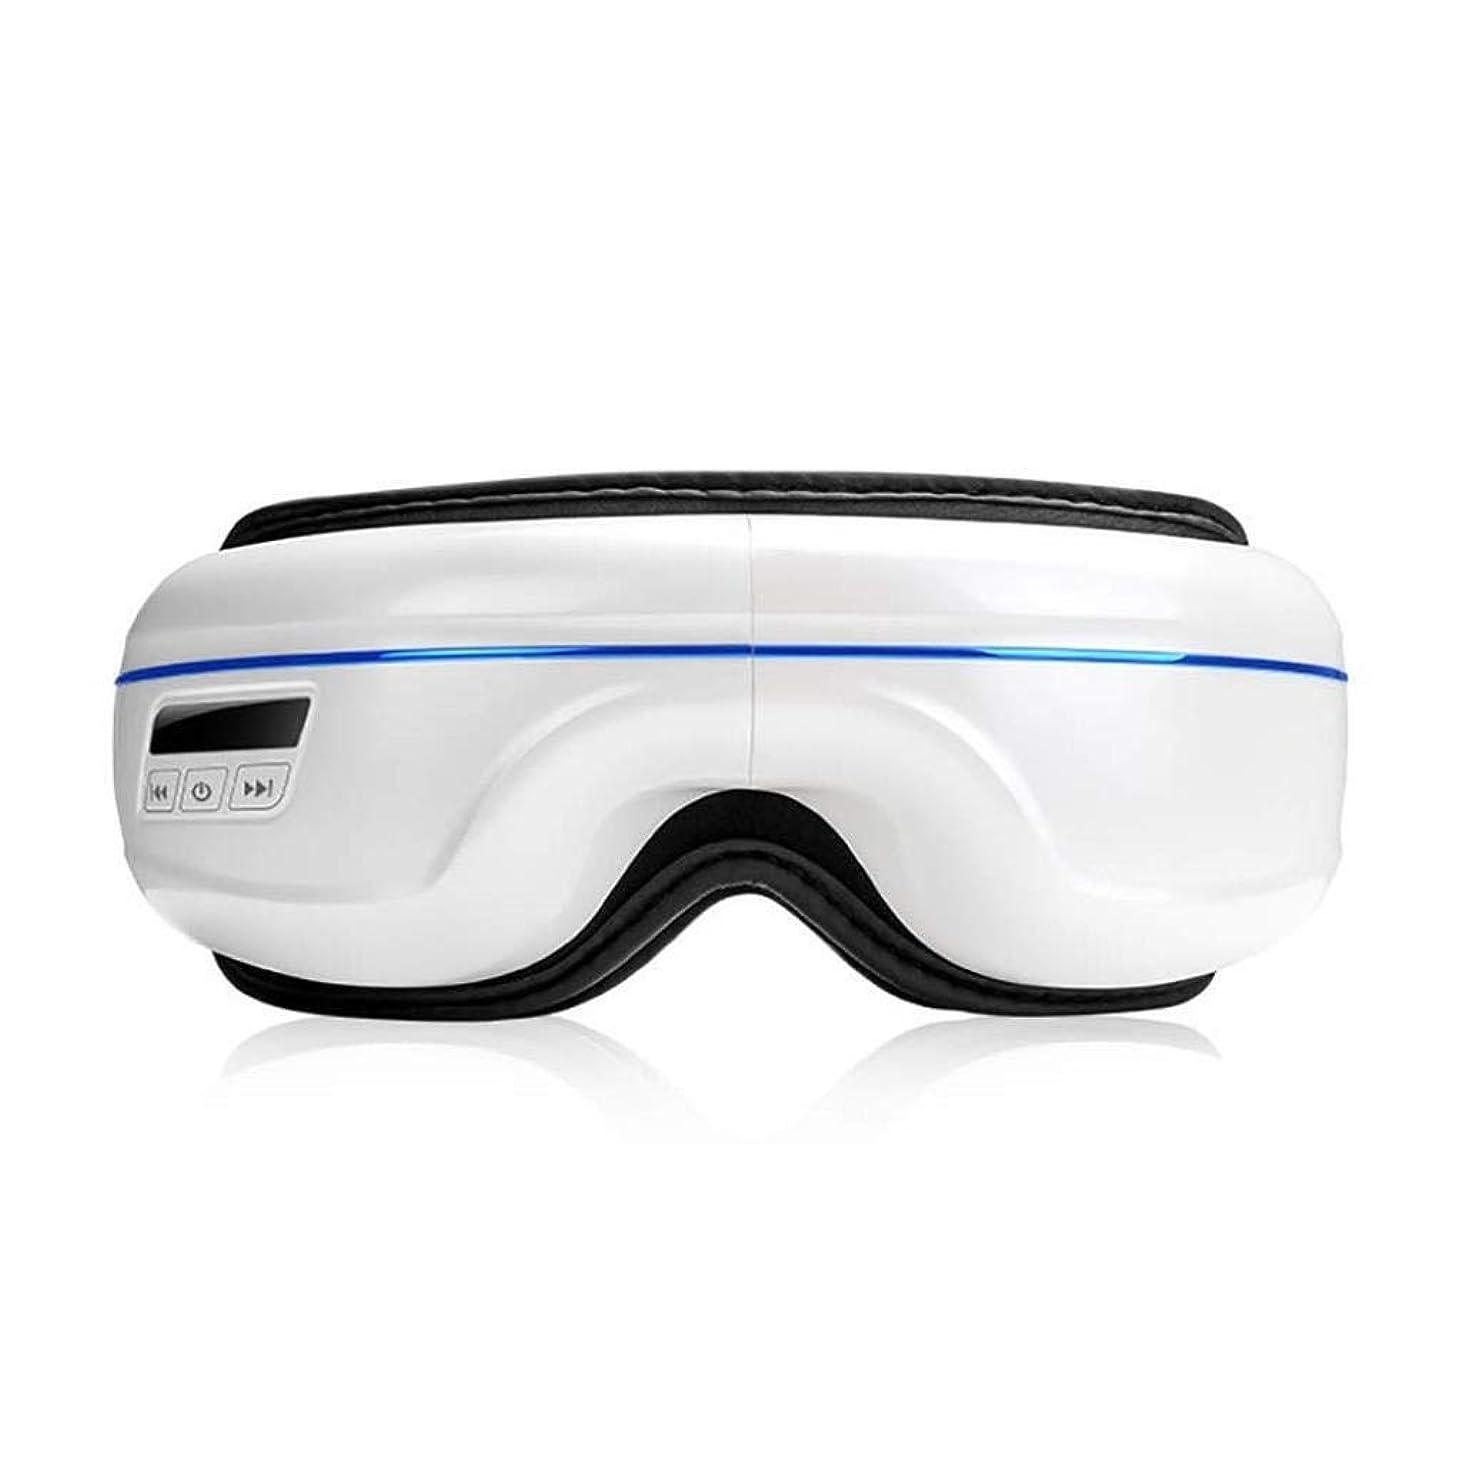 磁器ペンフレンド納屋電動アイマッサージャー、アイバッグ、ダークサークル、目の疲労、ドライアイ用